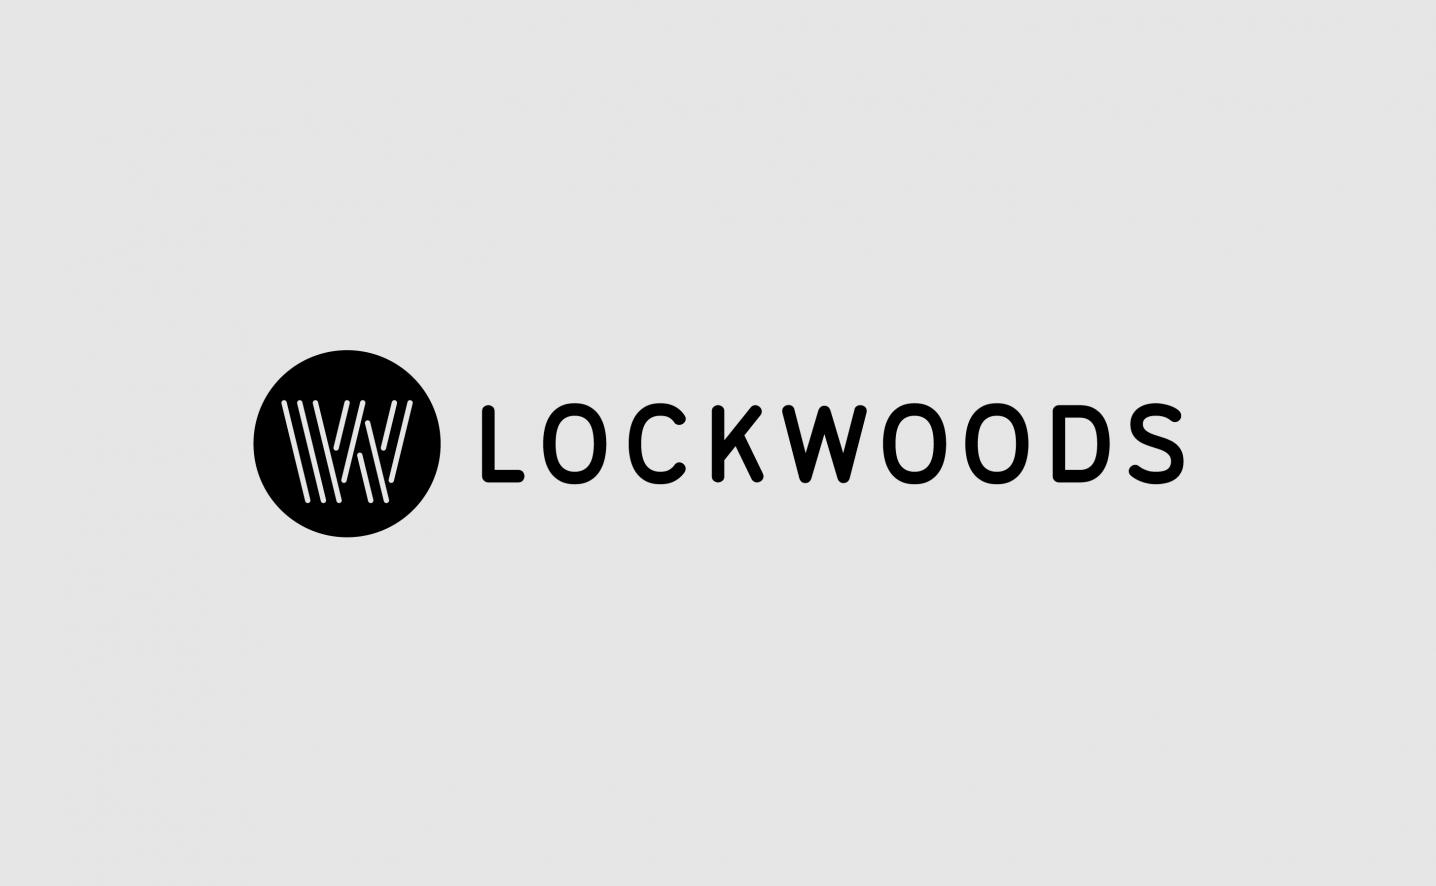 Lockwoods1